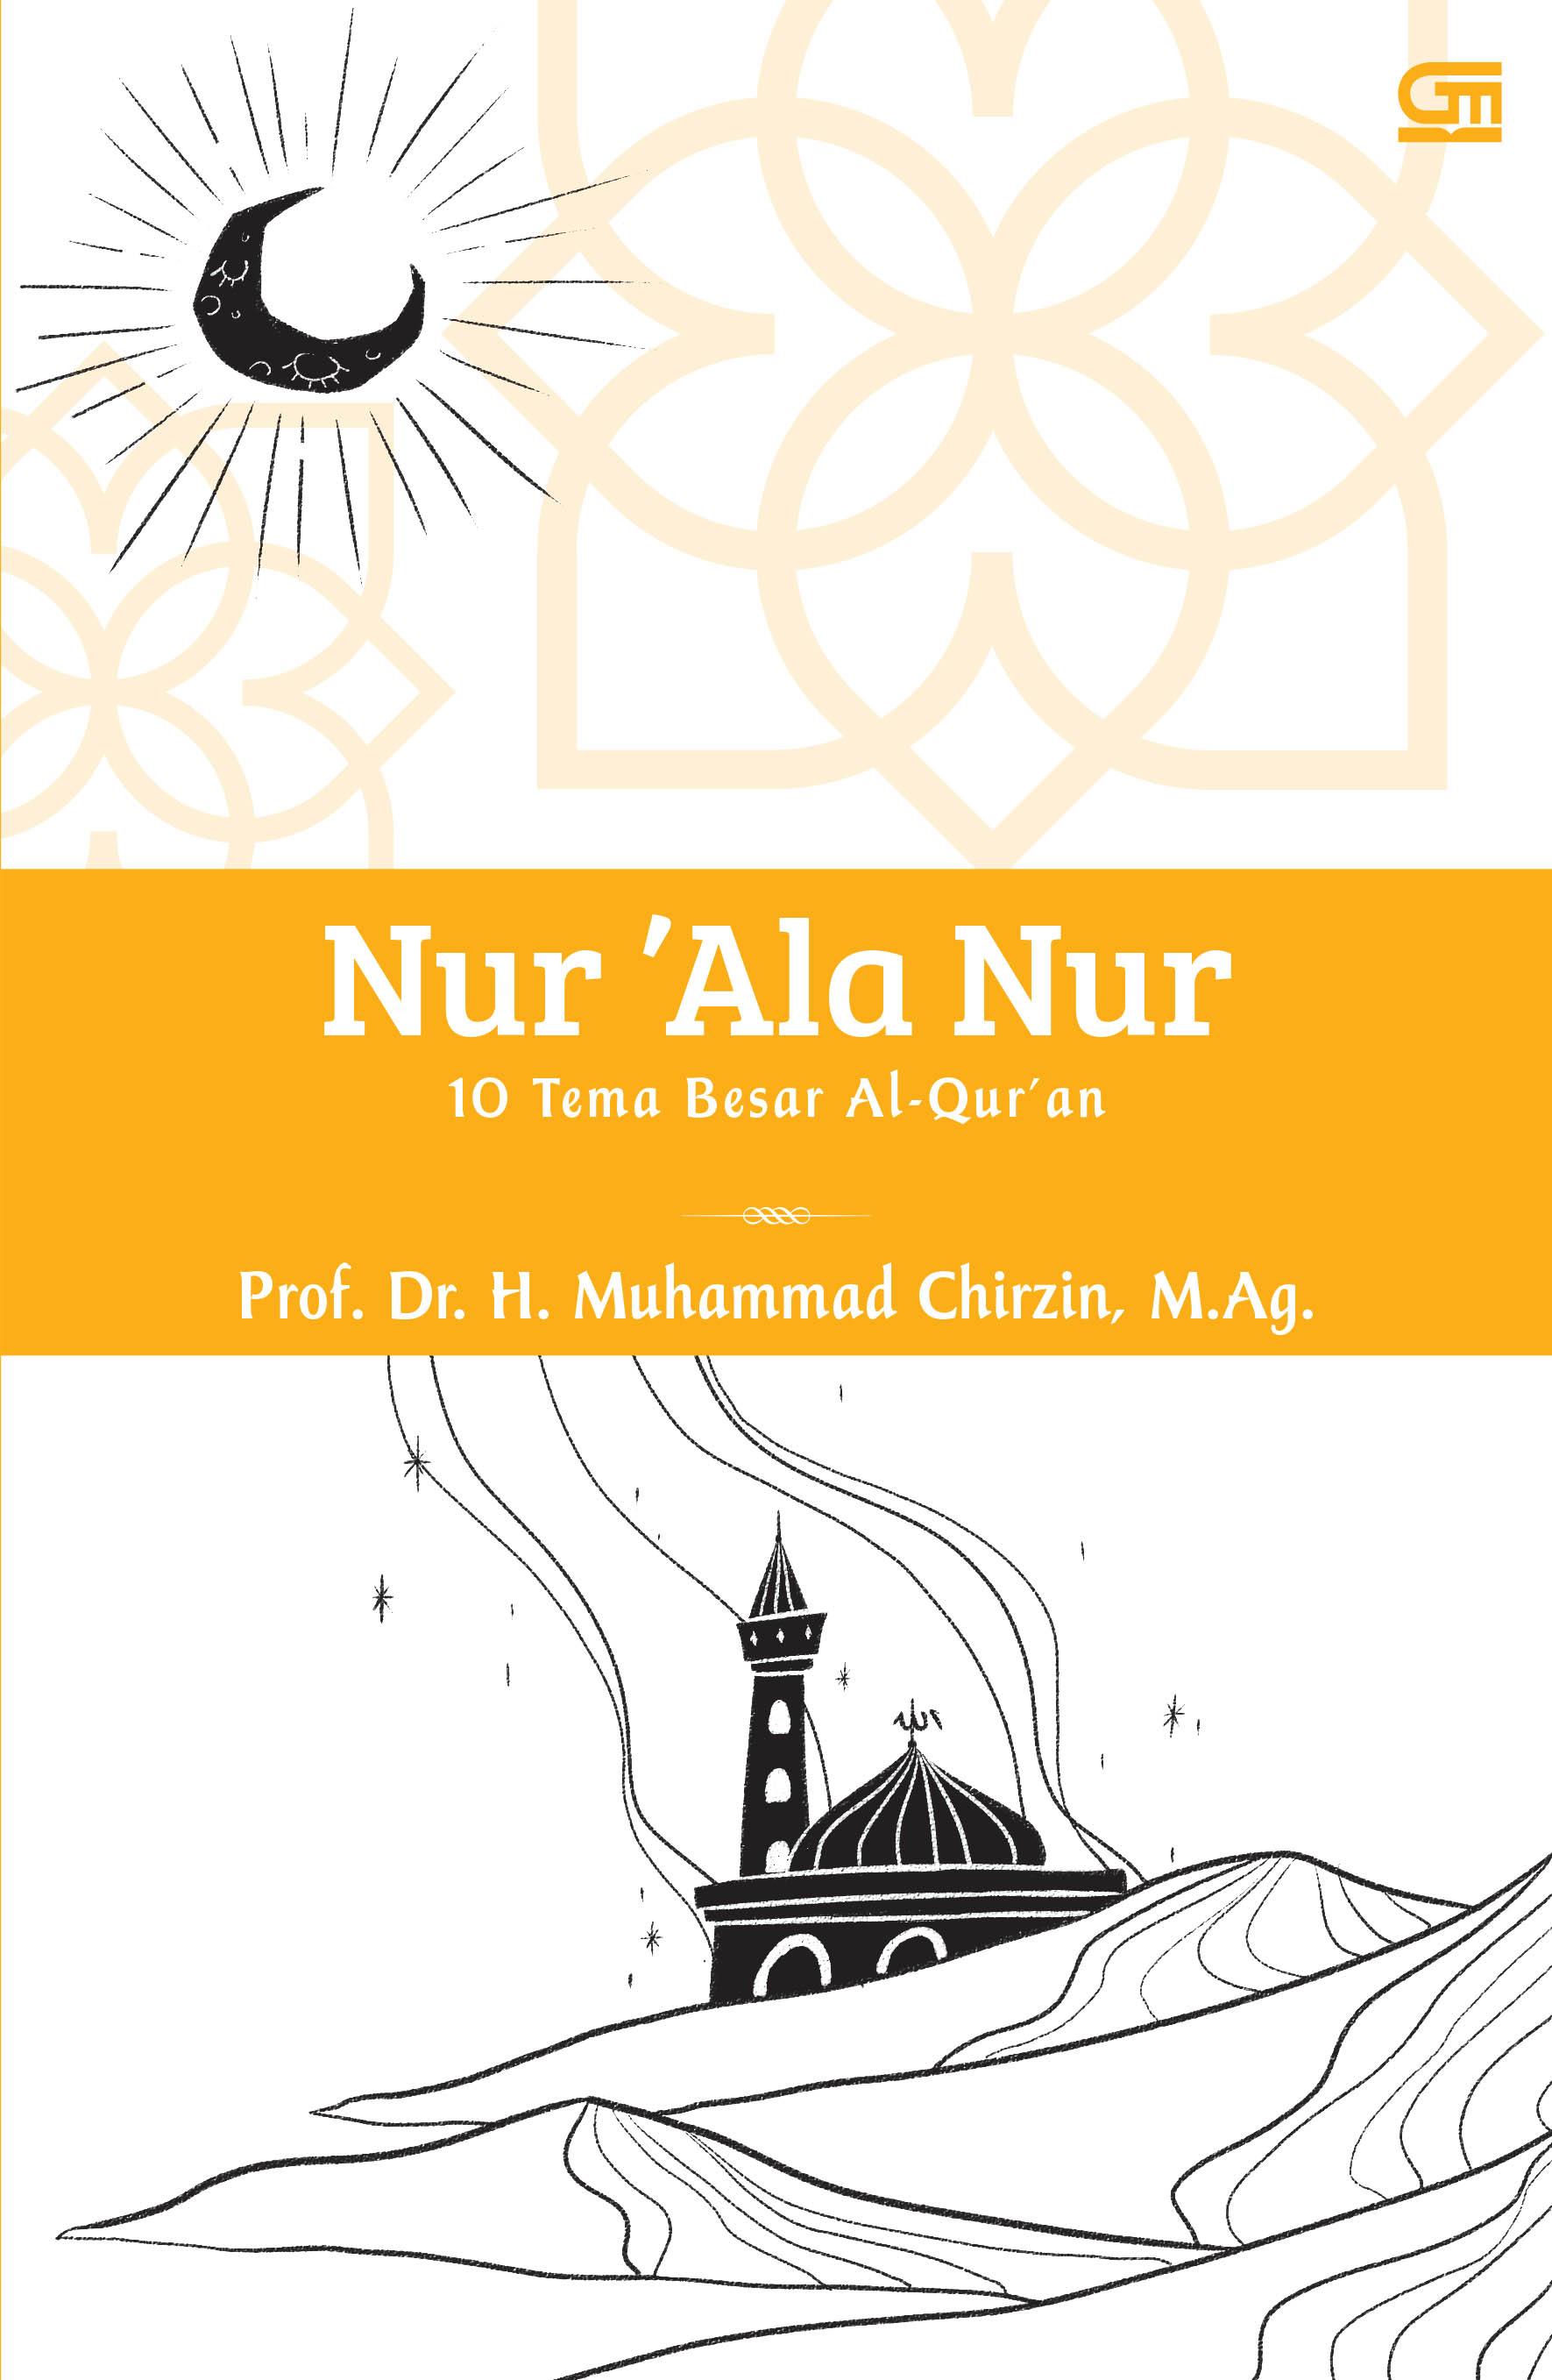 Nur 'Ala Nur